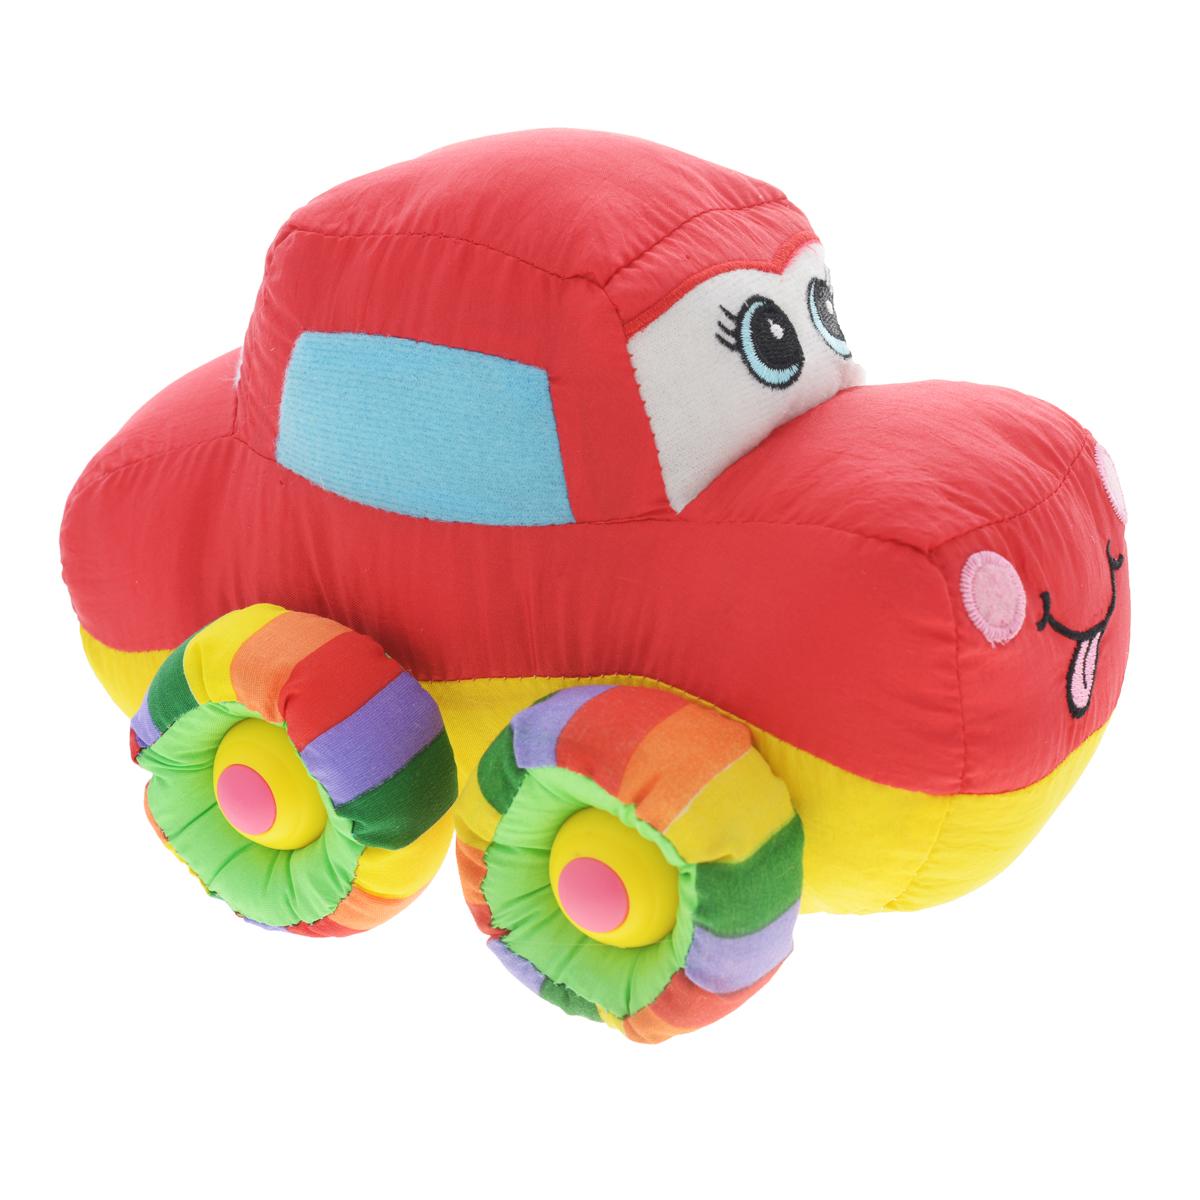 Мягкая озвученная игрушка Tongde Радужный транспорт. В72431В72431Мягкая озвученная игрушка Tongde Радужный транспорт непременно понравится вашему малышу! Эта милая мягкая машинка подарит вашему ребенку массу удовольствия за игрой. Изделие выполнено из высококачественного гипоаллергенного текстильного материала. Движение игрушки сопровождается звуковыми эффектами. С игрушкой можно играть как дома, так и в садике. Данная модель способствует развитию воображения и тактильной чувствительности у детей. Ваш ребенок часами будет играть с моделью, придумывая различные истории. Порадуйте его таким замечательным подарком! УВАЖАЕМЫЕ КЛИЕНТЫ! Обращаем ваше внимание на тот факт, что для работы игрушки необходимо докупить 3 батарейки типа АА 1,5V (в комплект не входят).